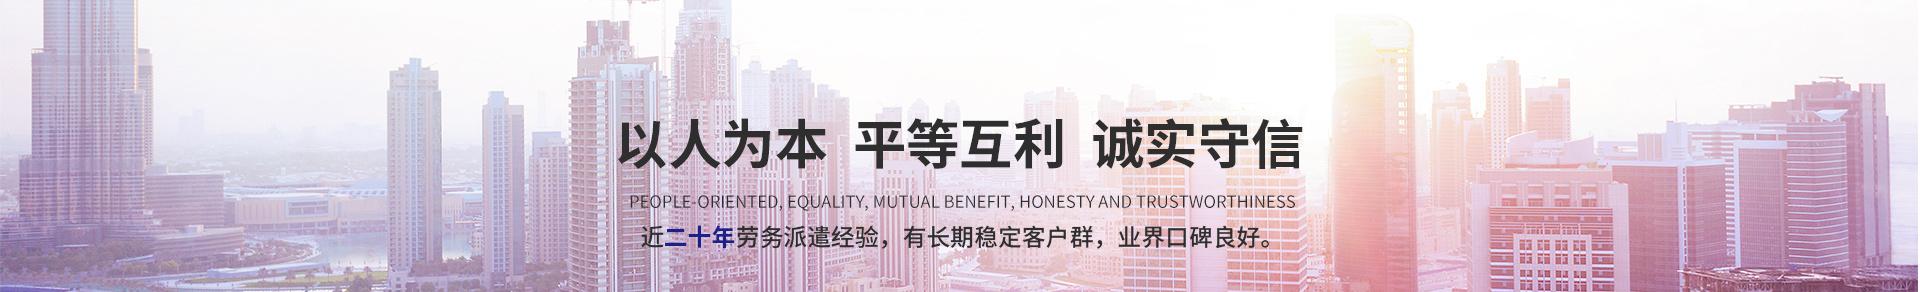 http://www.huashi.net.cn/data/images/slide/20191016093056_287.jpg